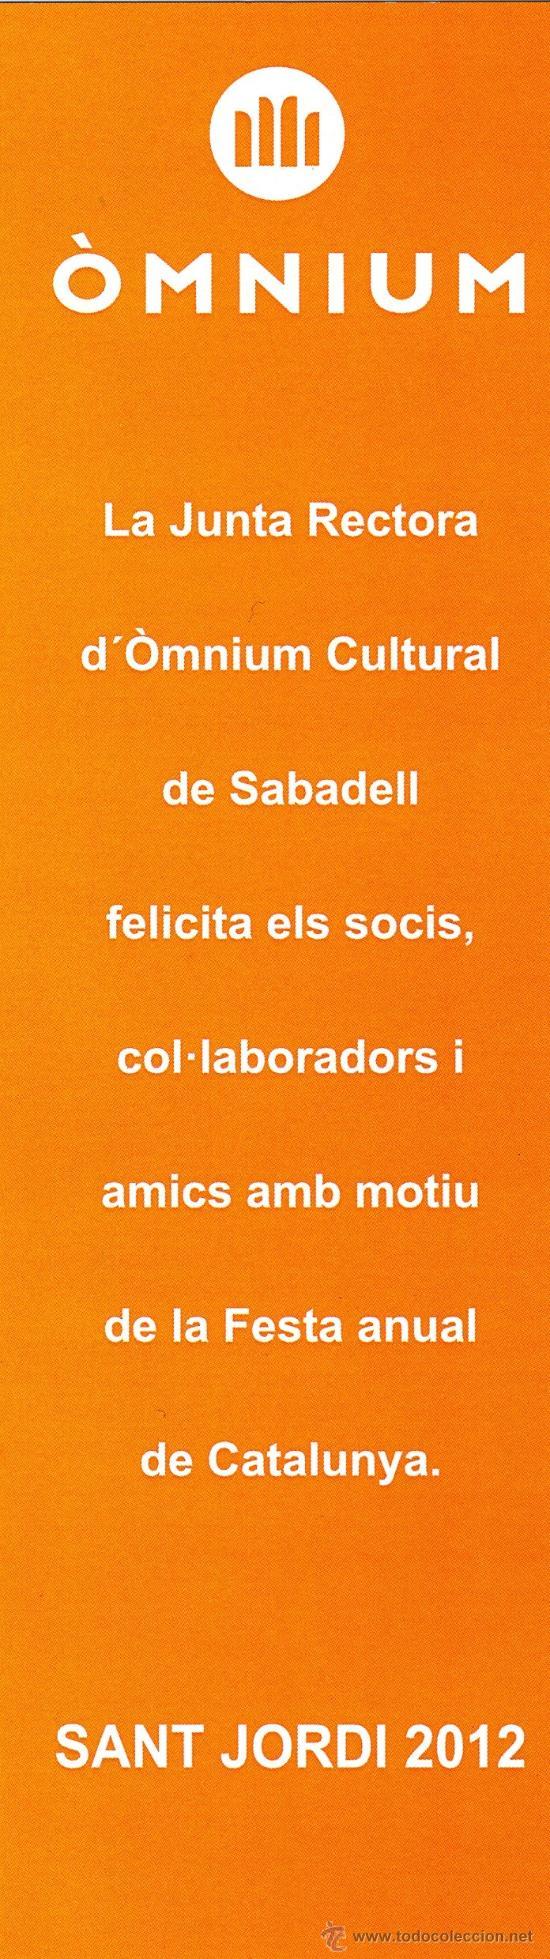 Coleccionismo Marcapáginas: Marcapáginas ÒMNIUN Sabadell – SANT JORDI 2012 - Foto 2 - 105416514